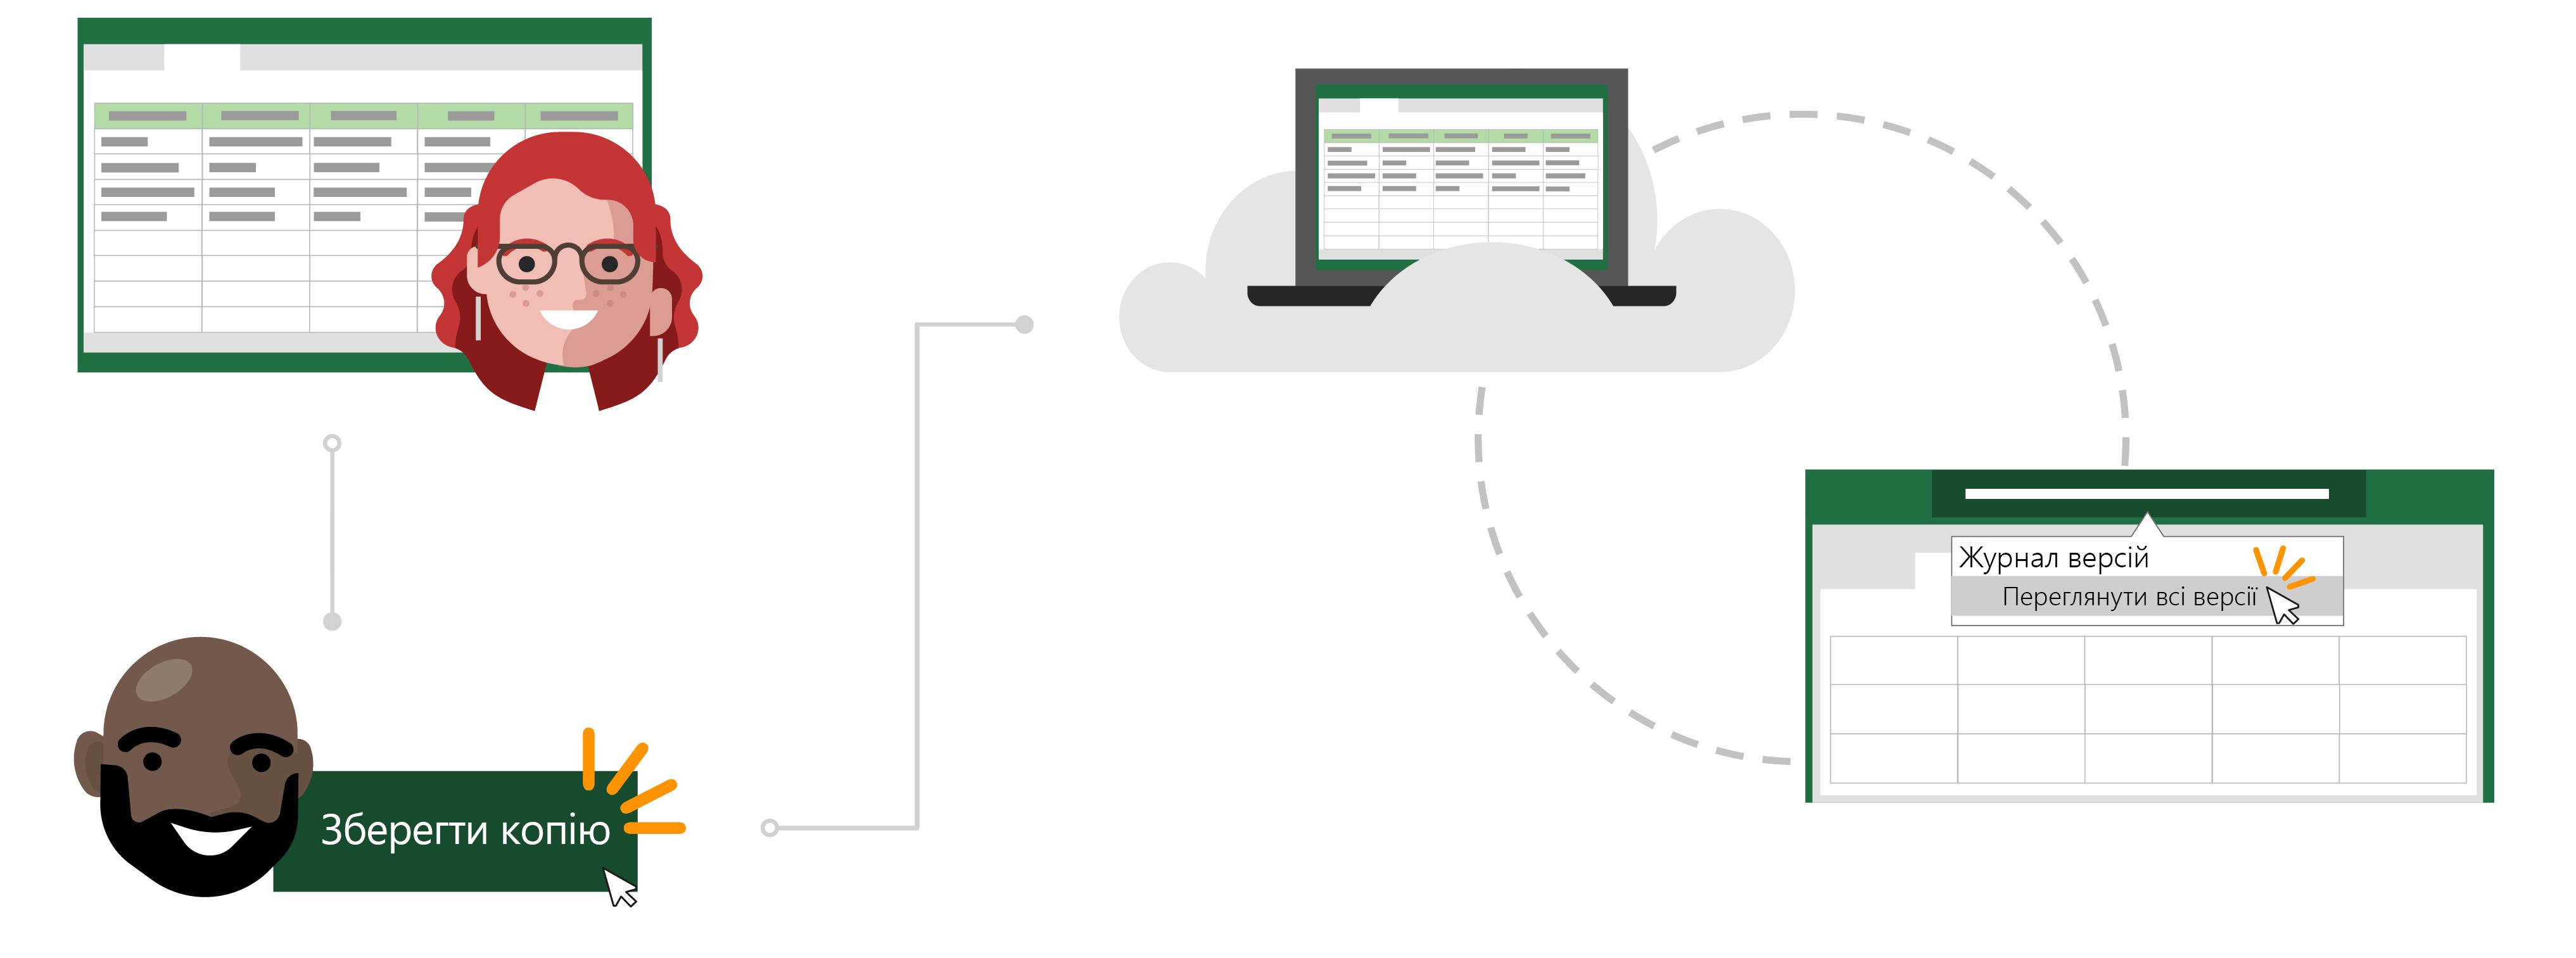 Використання наявного файлу в хмарі як шаблон для нового файлу за допомогою зберегти копію в.